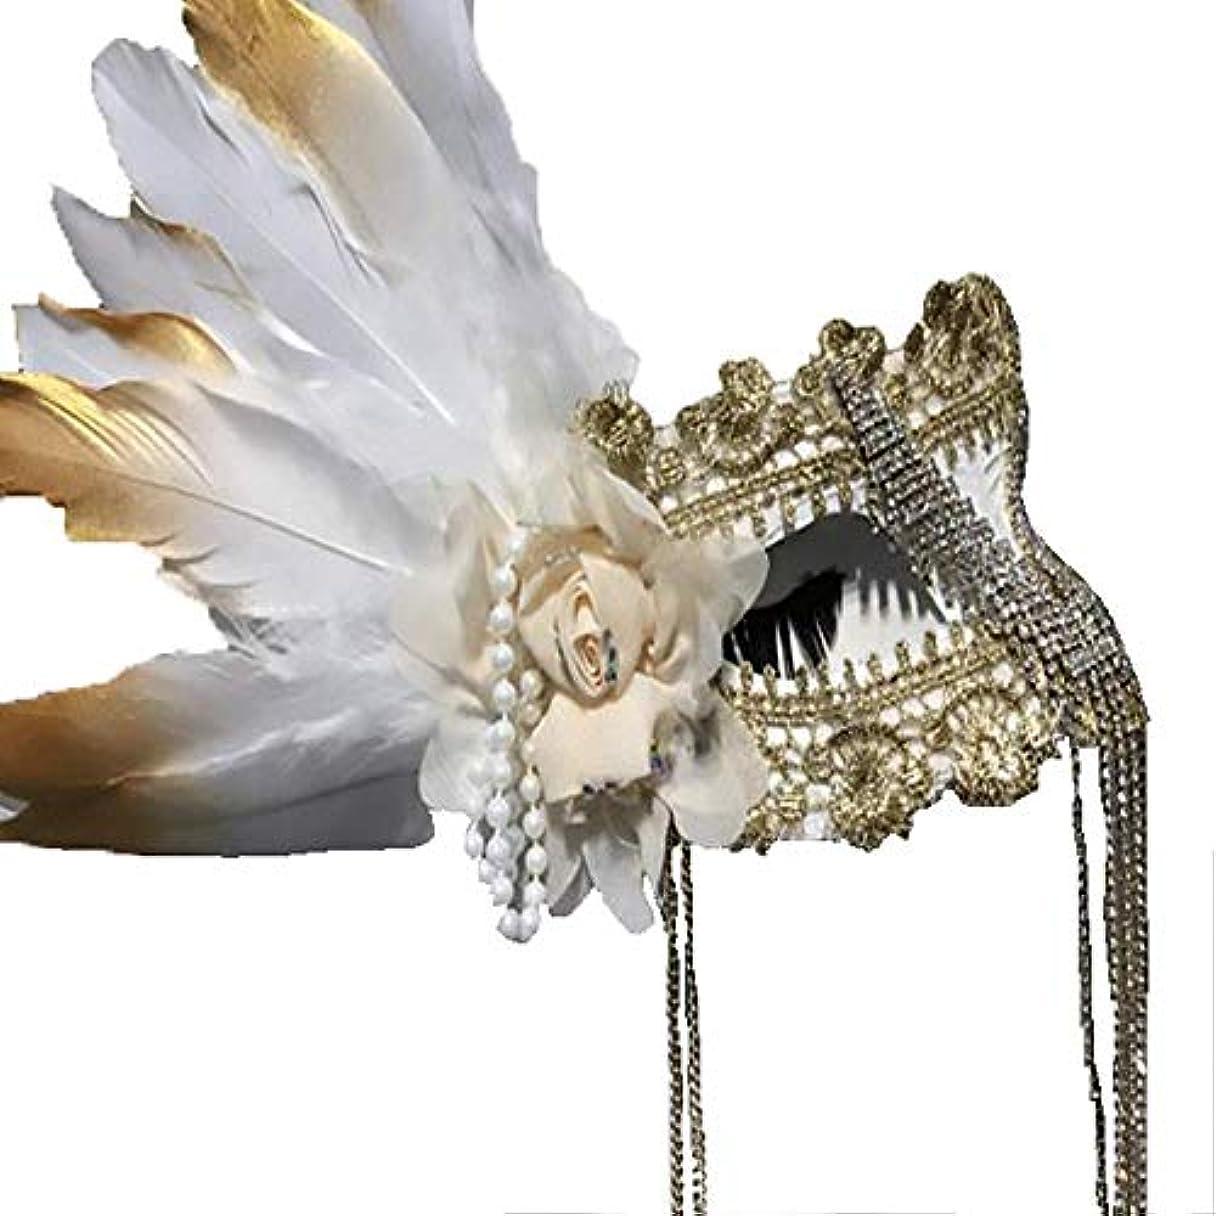 Nanle ハロウィーンのラインストーンフリンジフェザー刺繍花マスク仮装マスクレディミスプリンセス美容祭パーティーデコレーションマスク